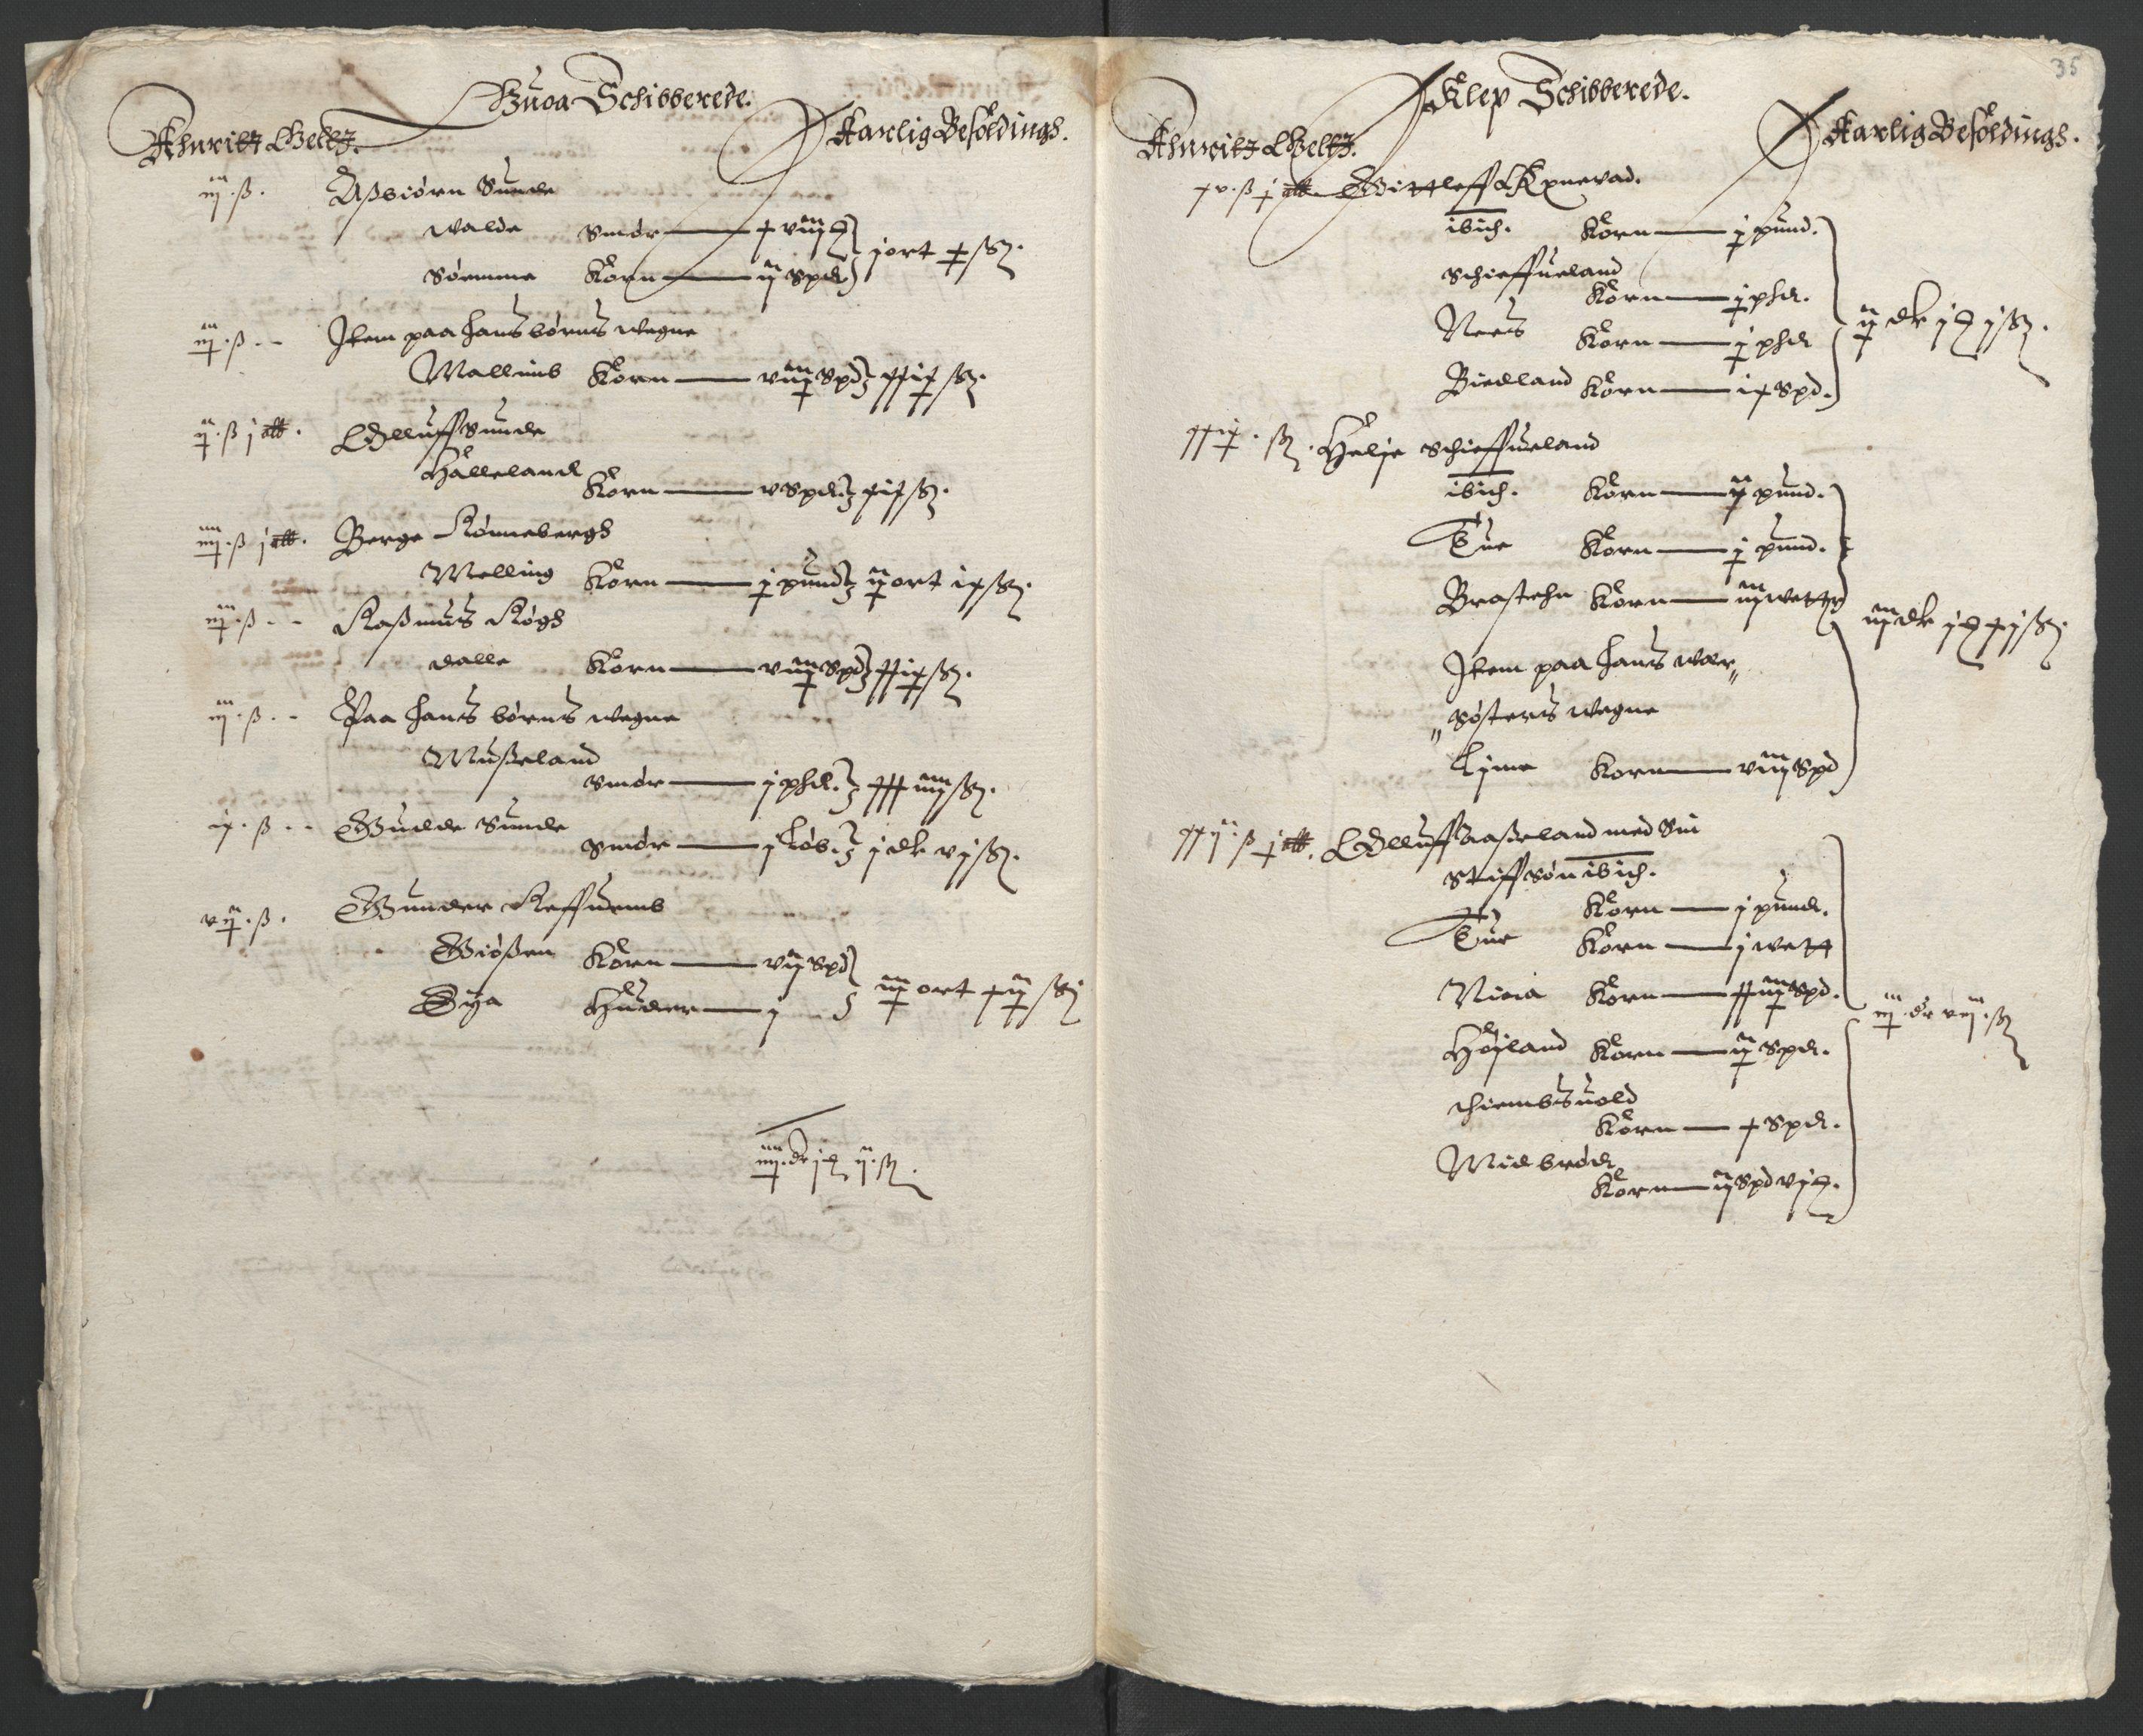 RA, Stattholderembetet 1572-1771, Ek/L0010: Jordebøker til utlikning av rosstjeneste 1624-1626:, 1624-1626, s. 129